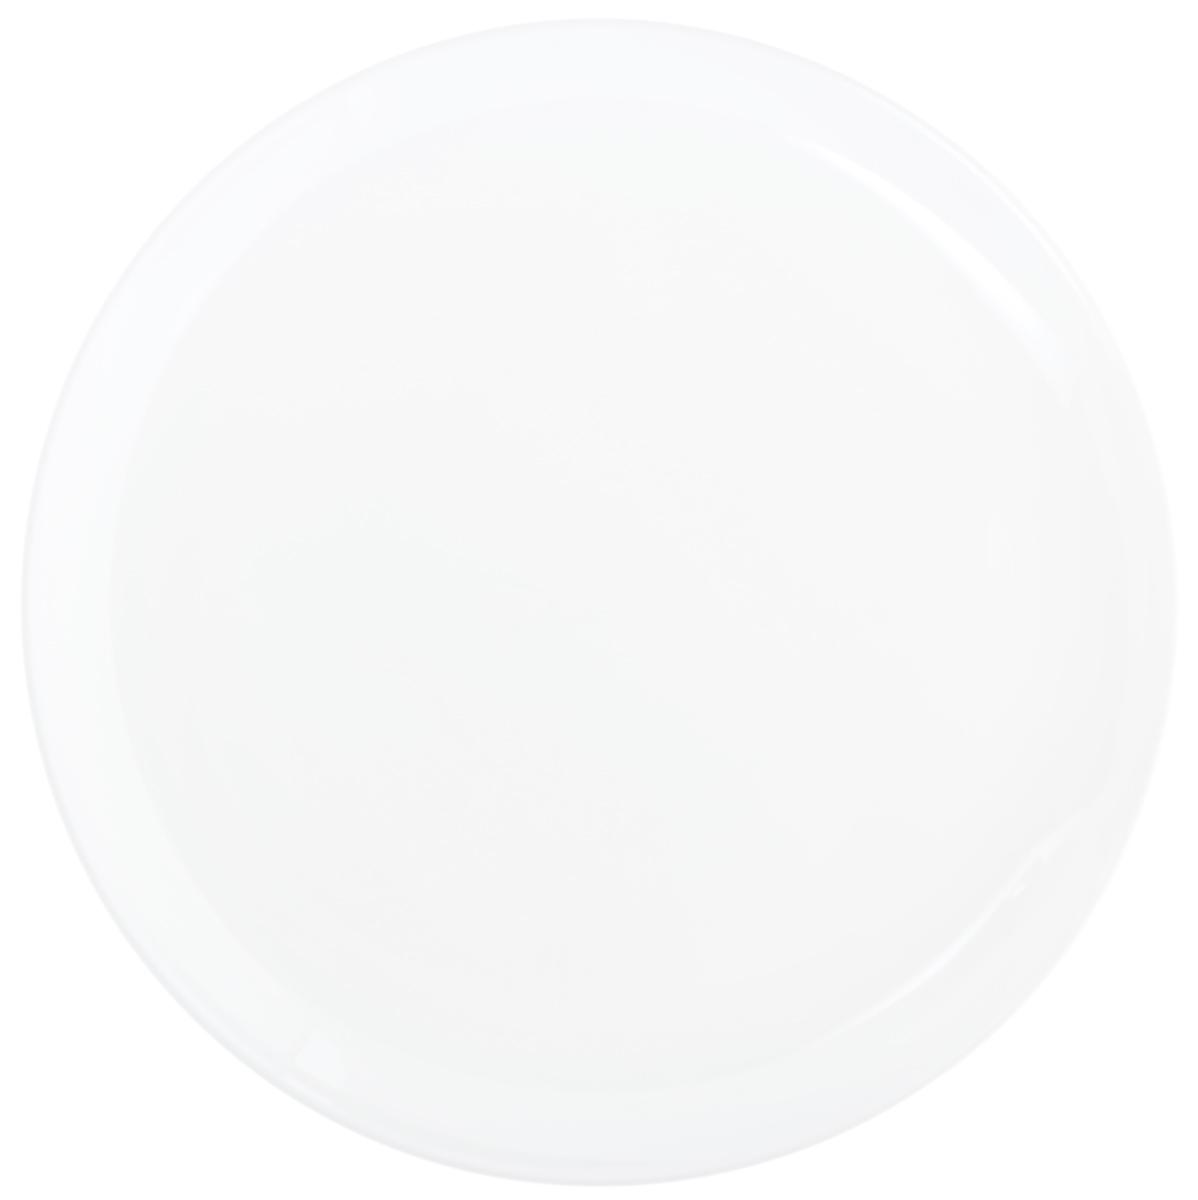 Тарелка обеденная Luminarc Diwali, диаметр 25 смD6905Обеденная тарелка Luminarc Diwali, изготовленная из высококачественного стекла, имеет изысканный внешний вид. Лаконичный дизайн придется по вкусу и ценителям классики, и тем, кто предпочитает утонченность. Тарелка Luminarc Diwali идеально подойдет для сервировки стола и станет отличным подарком к любому празднику. Диаметр (по верхнему краю): 25 см.